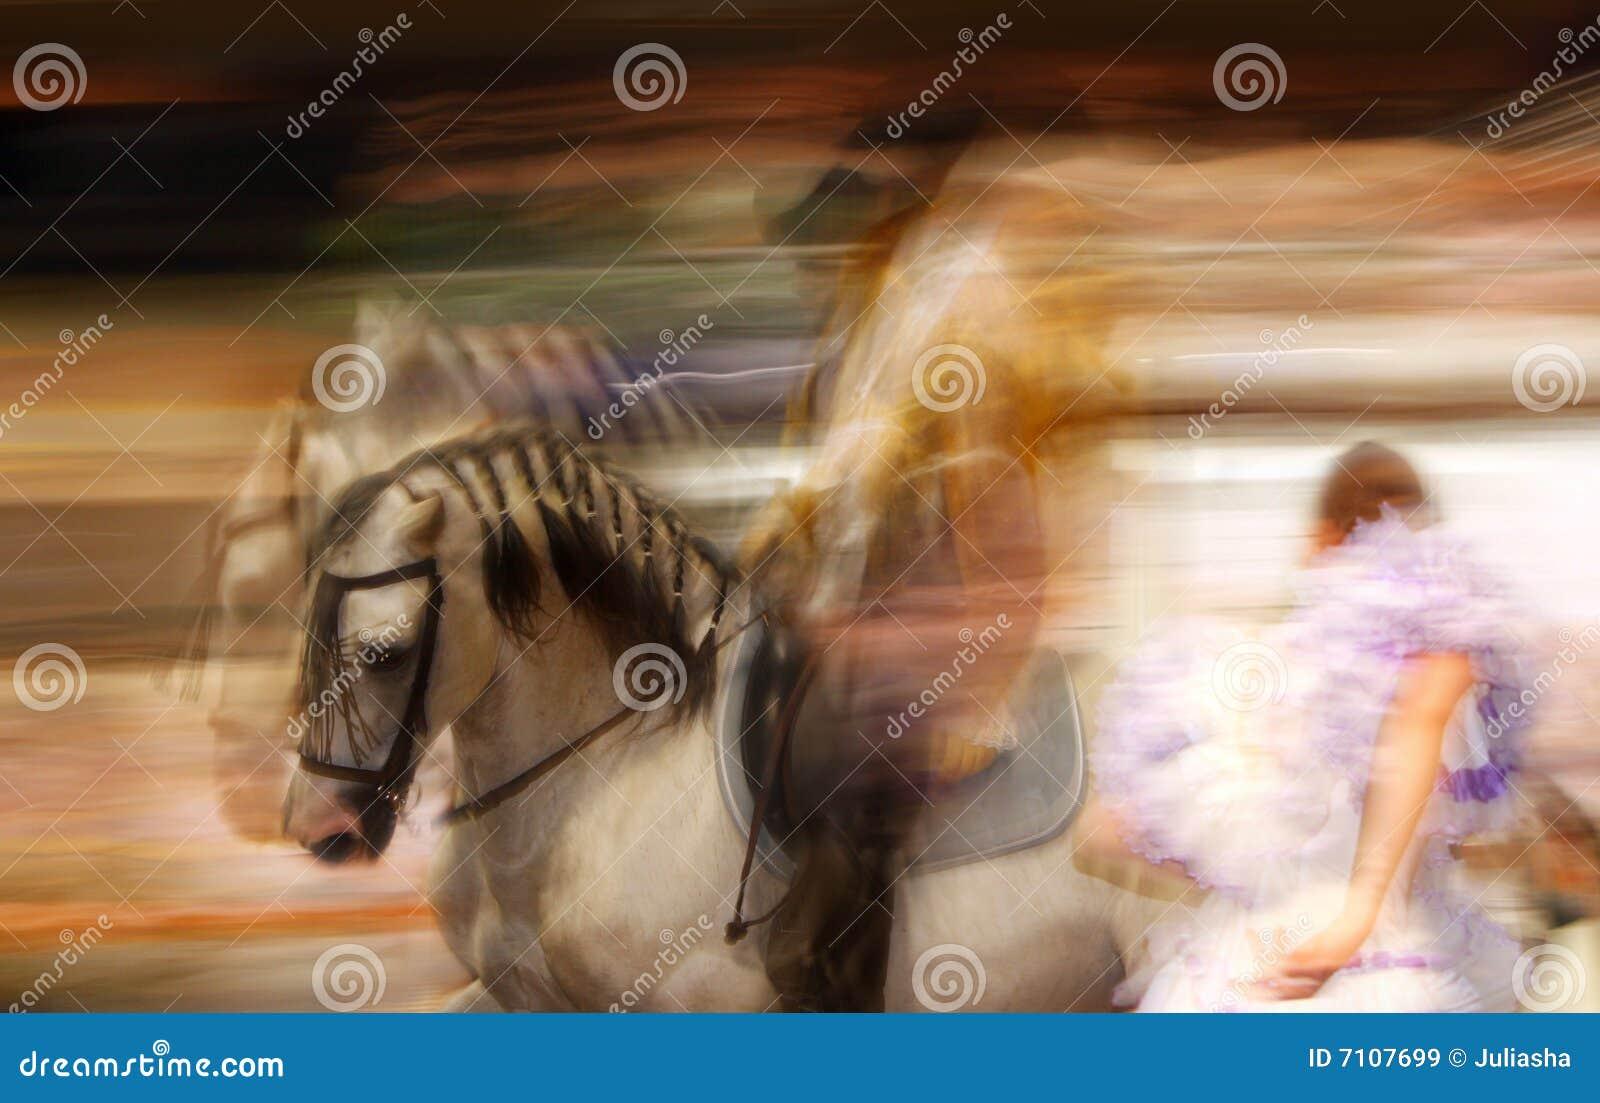 испанский язык riding лошади